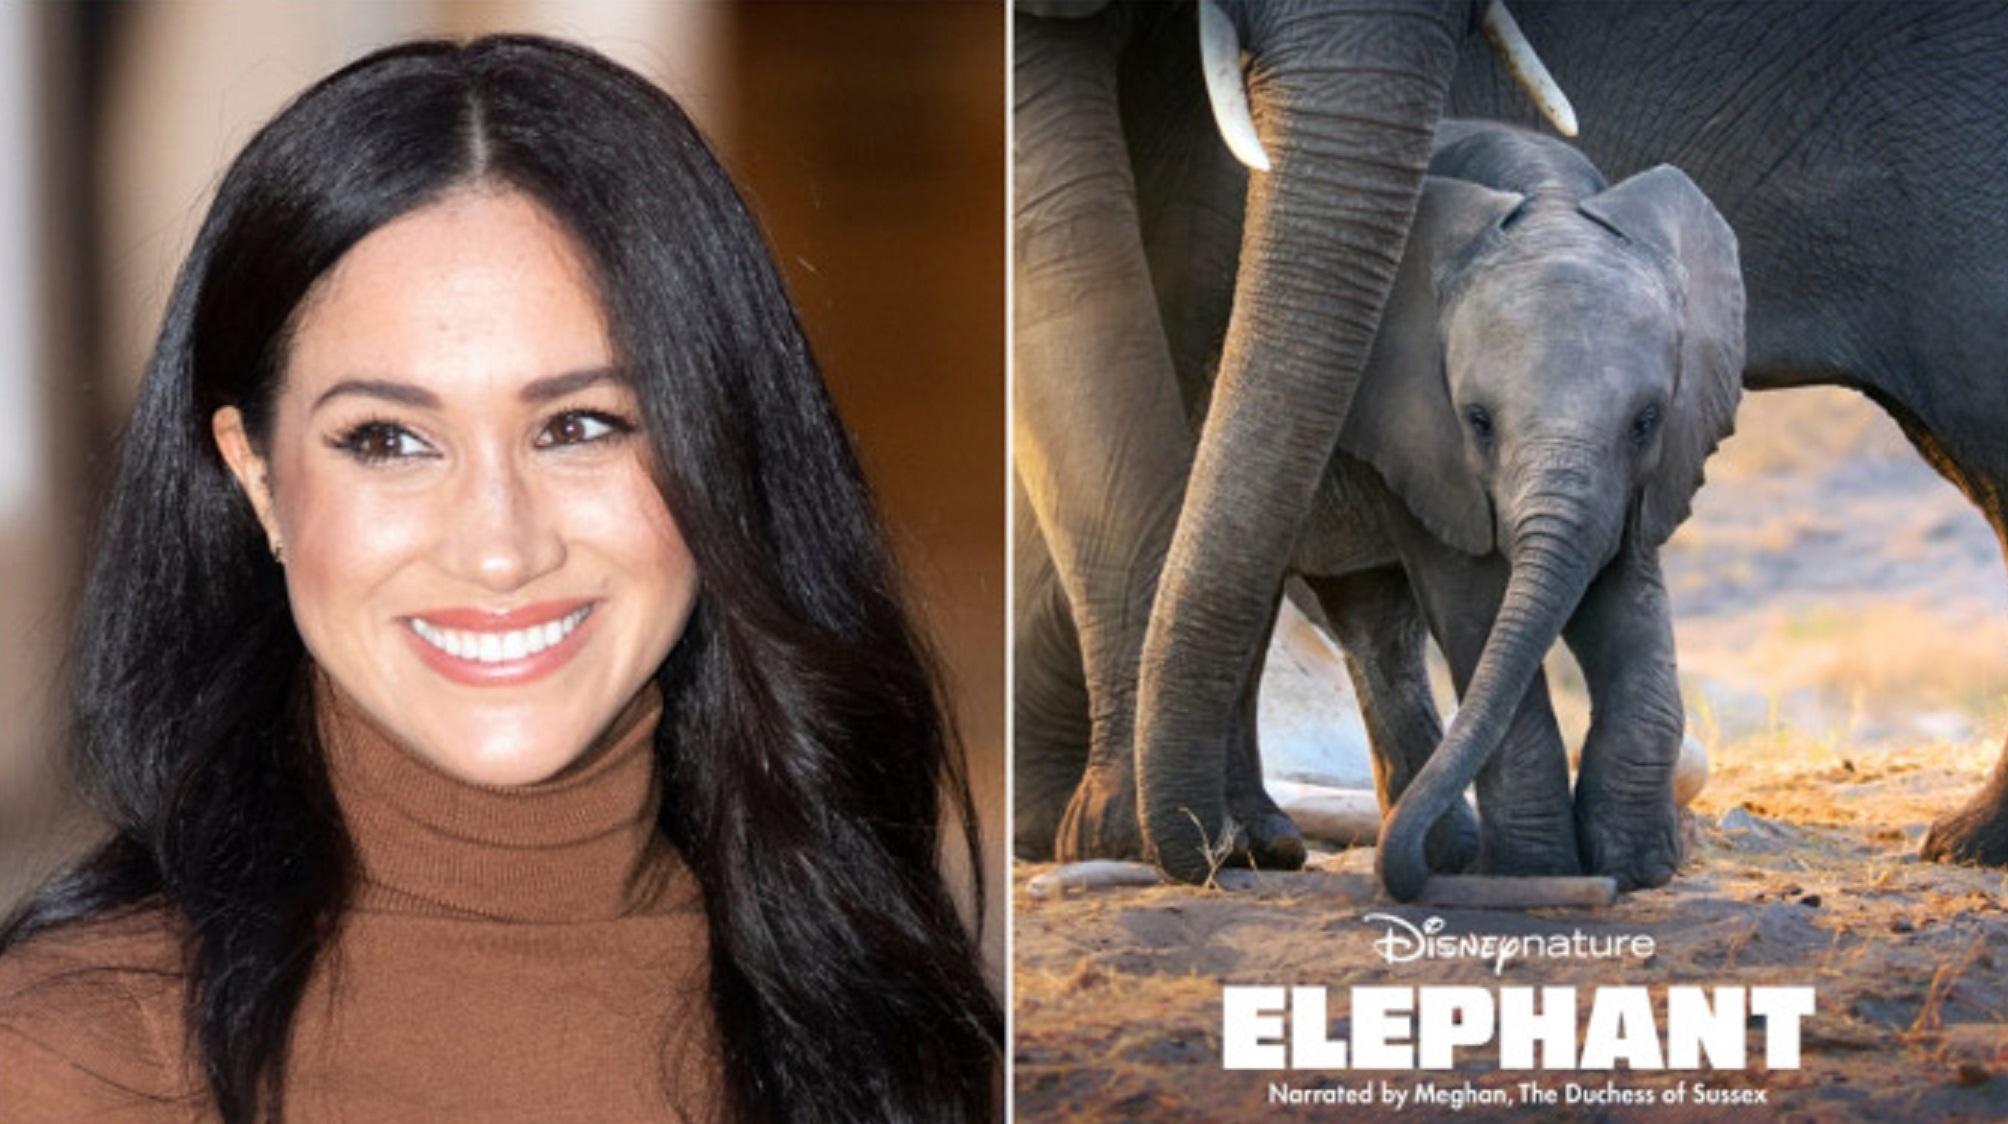 Meghan Markle bị chê lồng tiếng dở tệ trong phim mới 'Elephant'